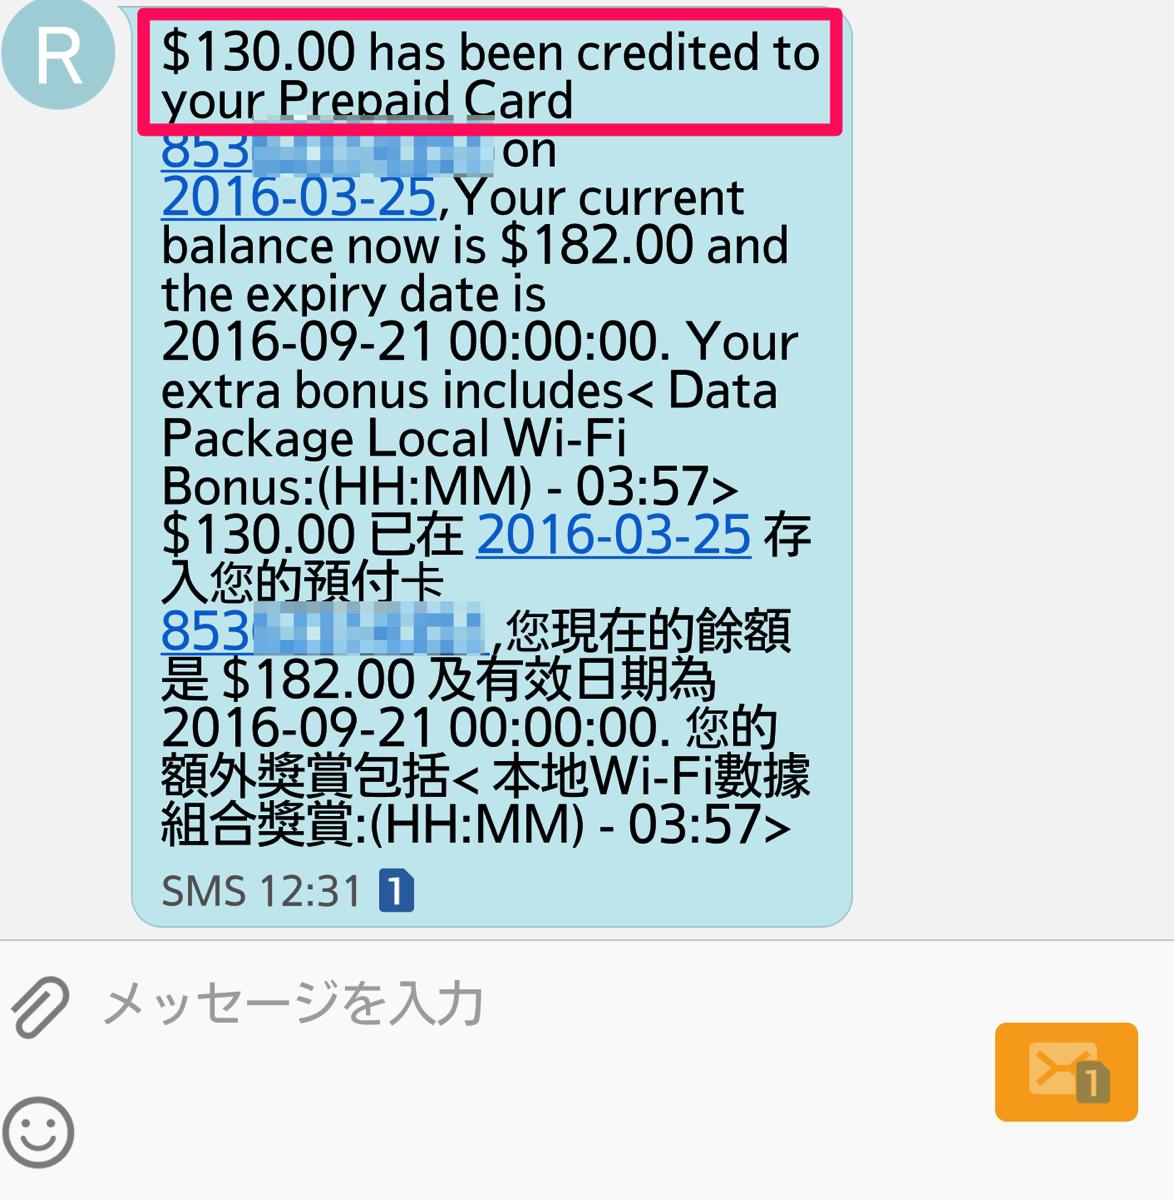 SMSで購入内容が通知される